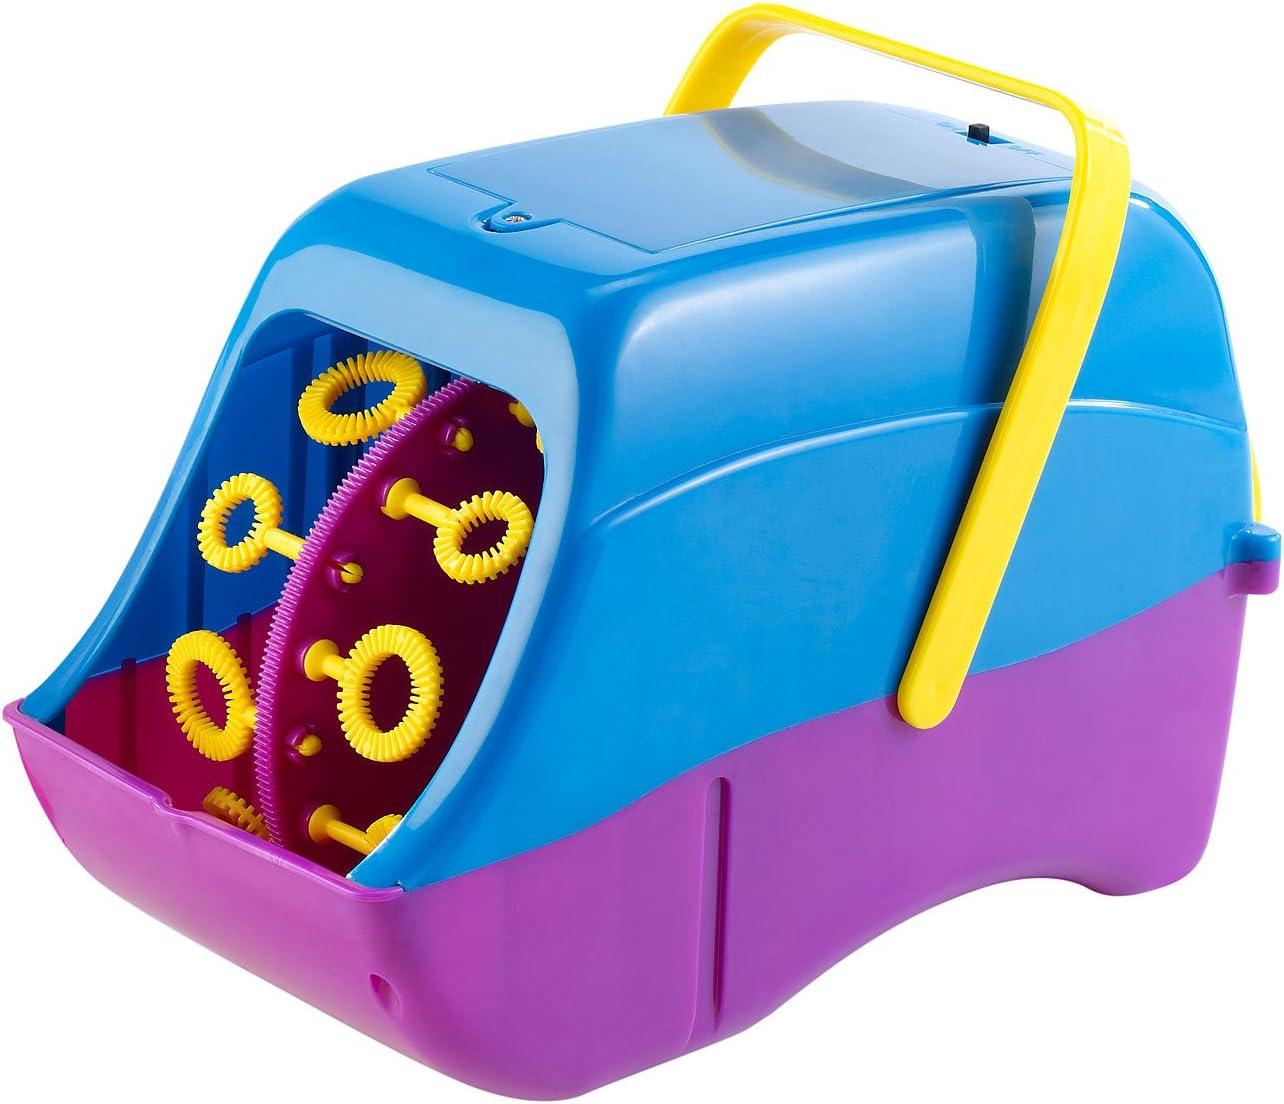 Kompakte Maschine f/ür Seifenblasen Eurolite B-80 Seifenblasenmaschine bei Geburtstagsfeiern Kinderpartys Einsatzm/öglichkeiten: im Fasching Funktioniert mit Standard Seifenblasenfl/üssigkeit